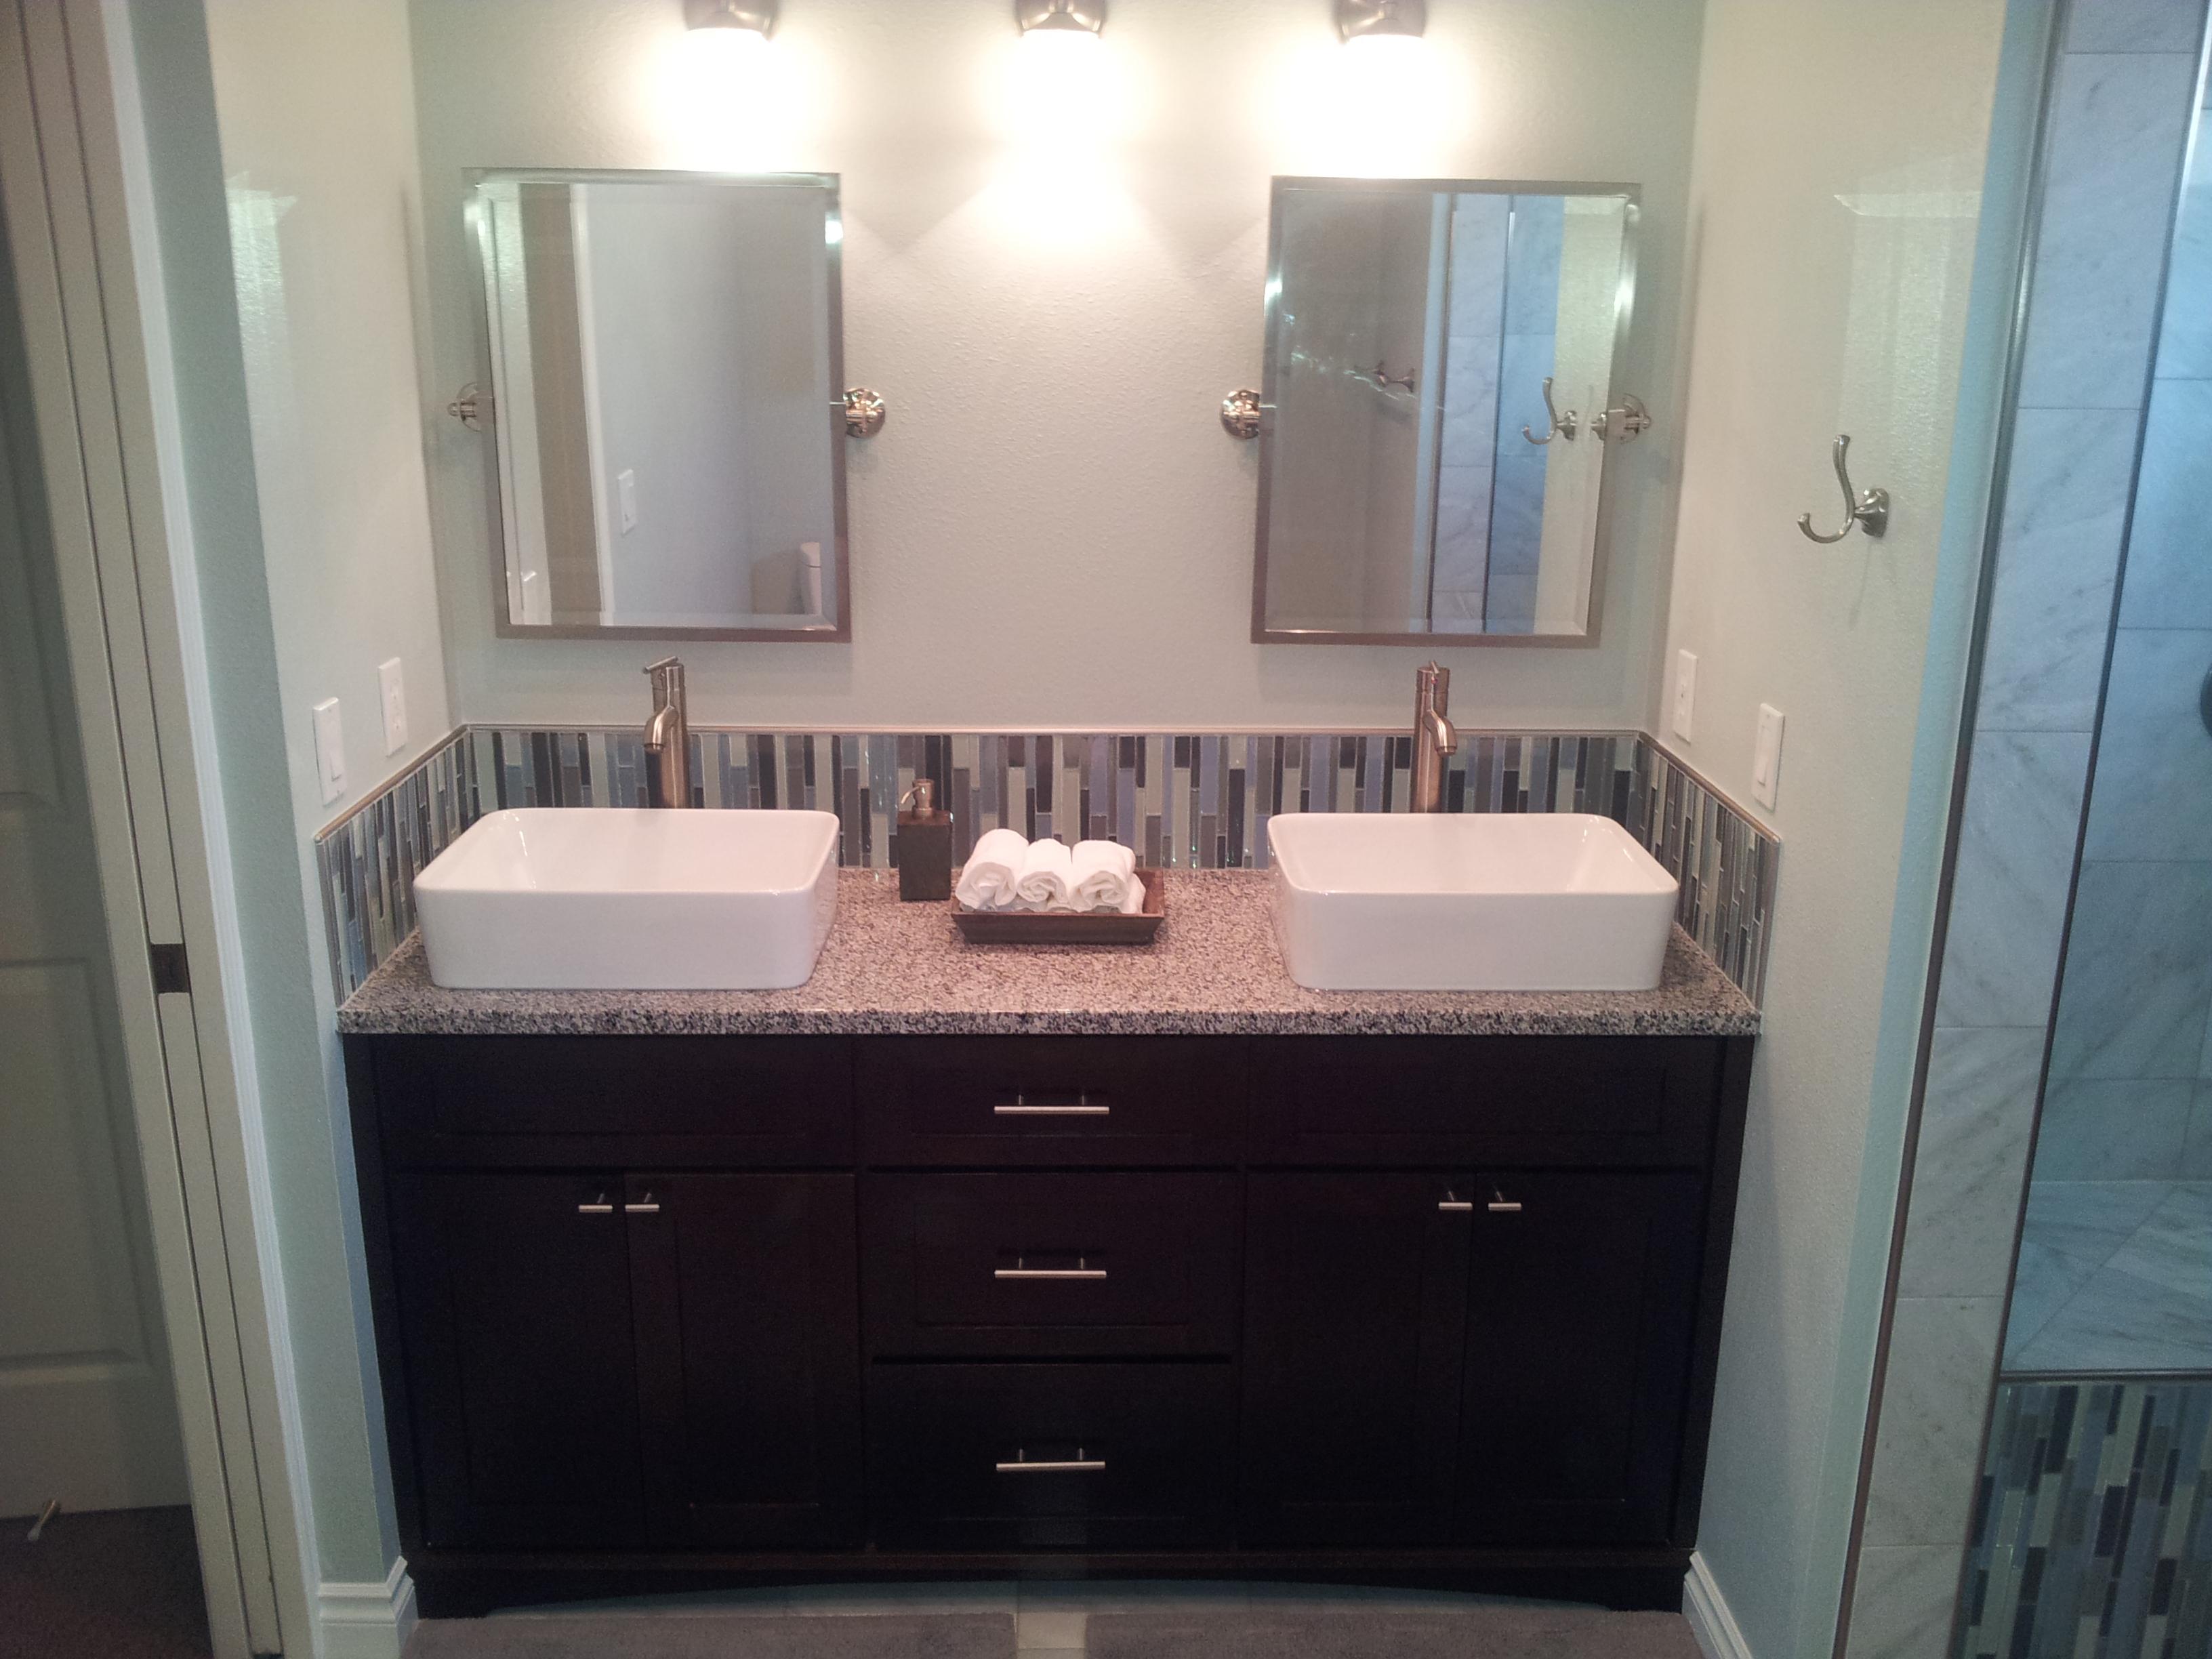 Bathroom remodel portland sfw construction llc for Bathroom remodel portland oregon